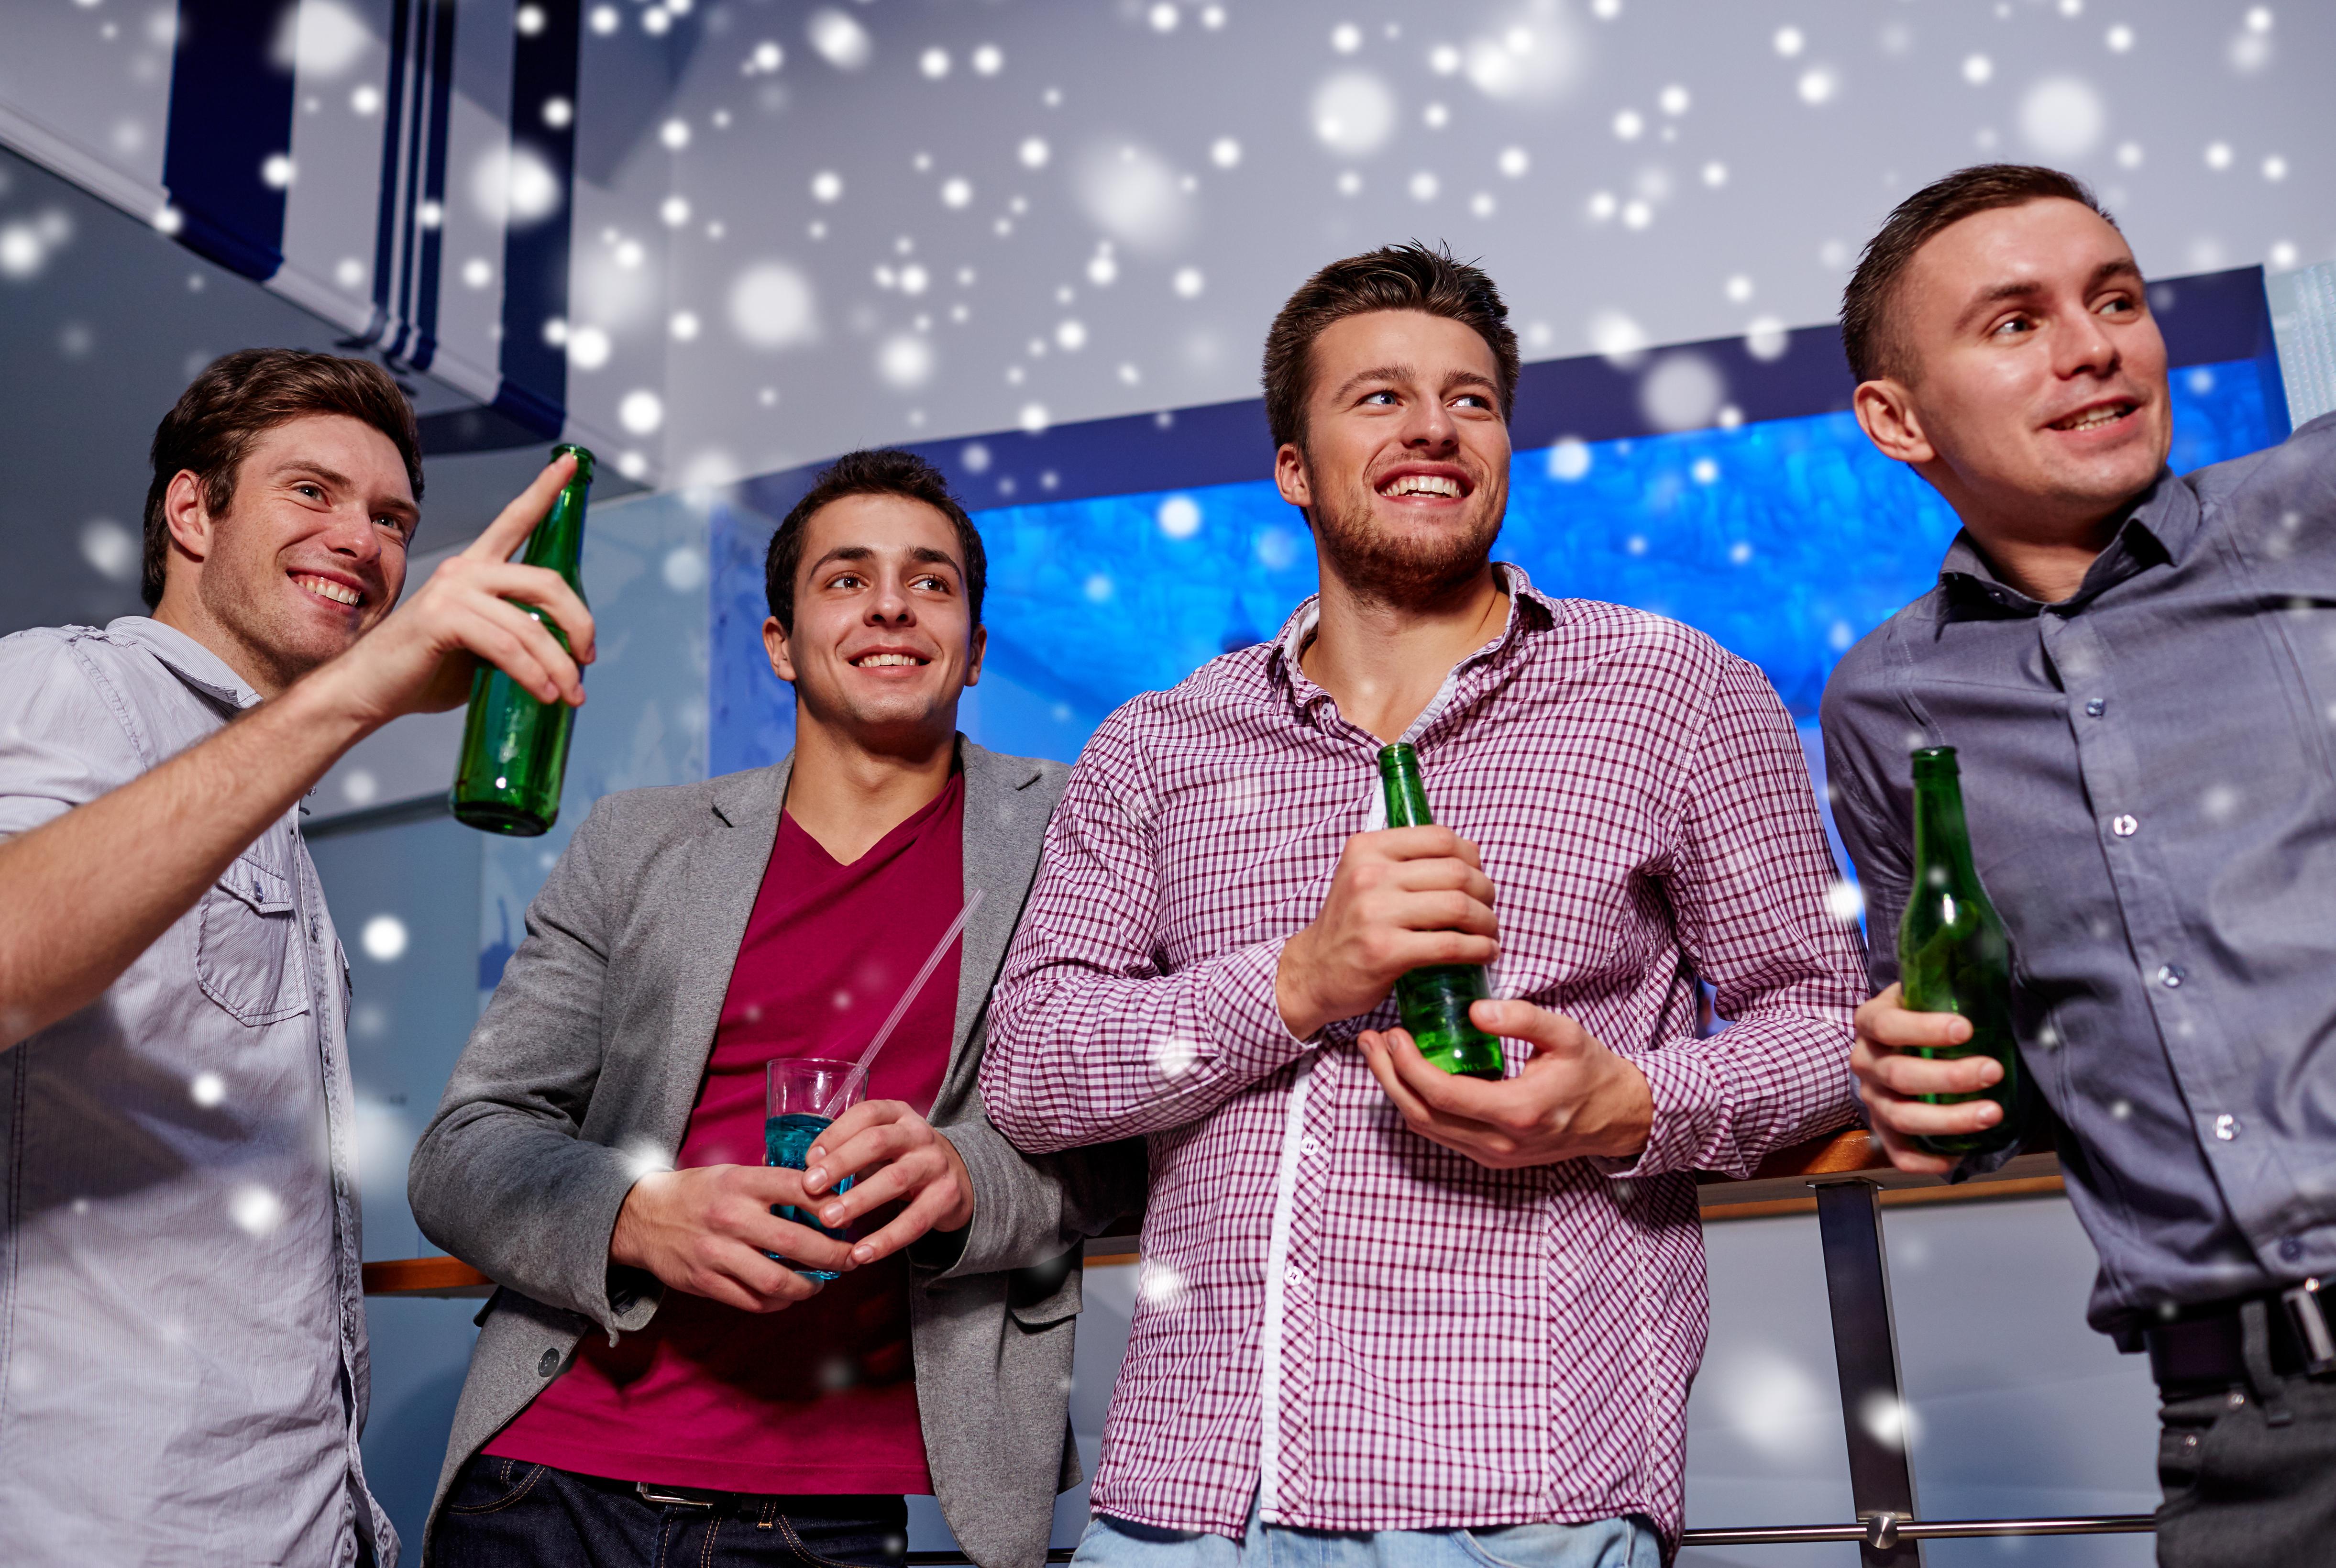 Four men at nightclub